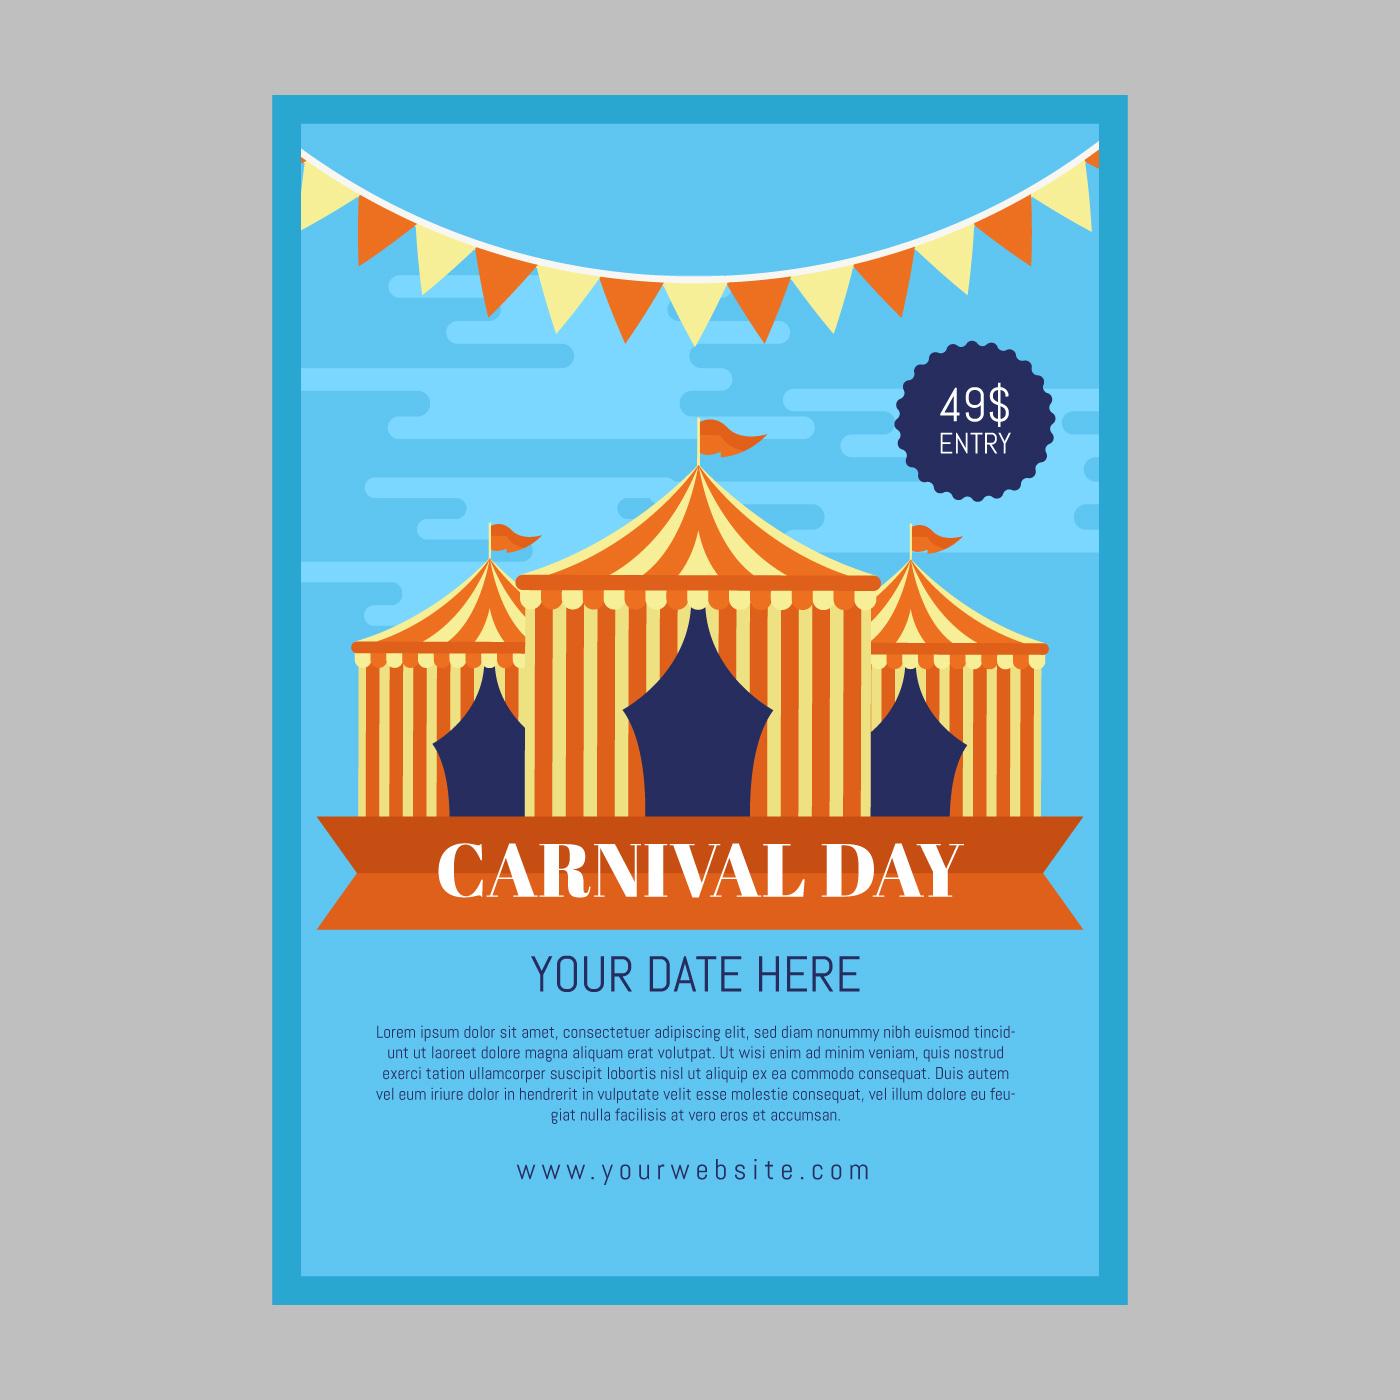 Plantilla de póster de carnaval - Descargue Gráficos y Vectores Gratis